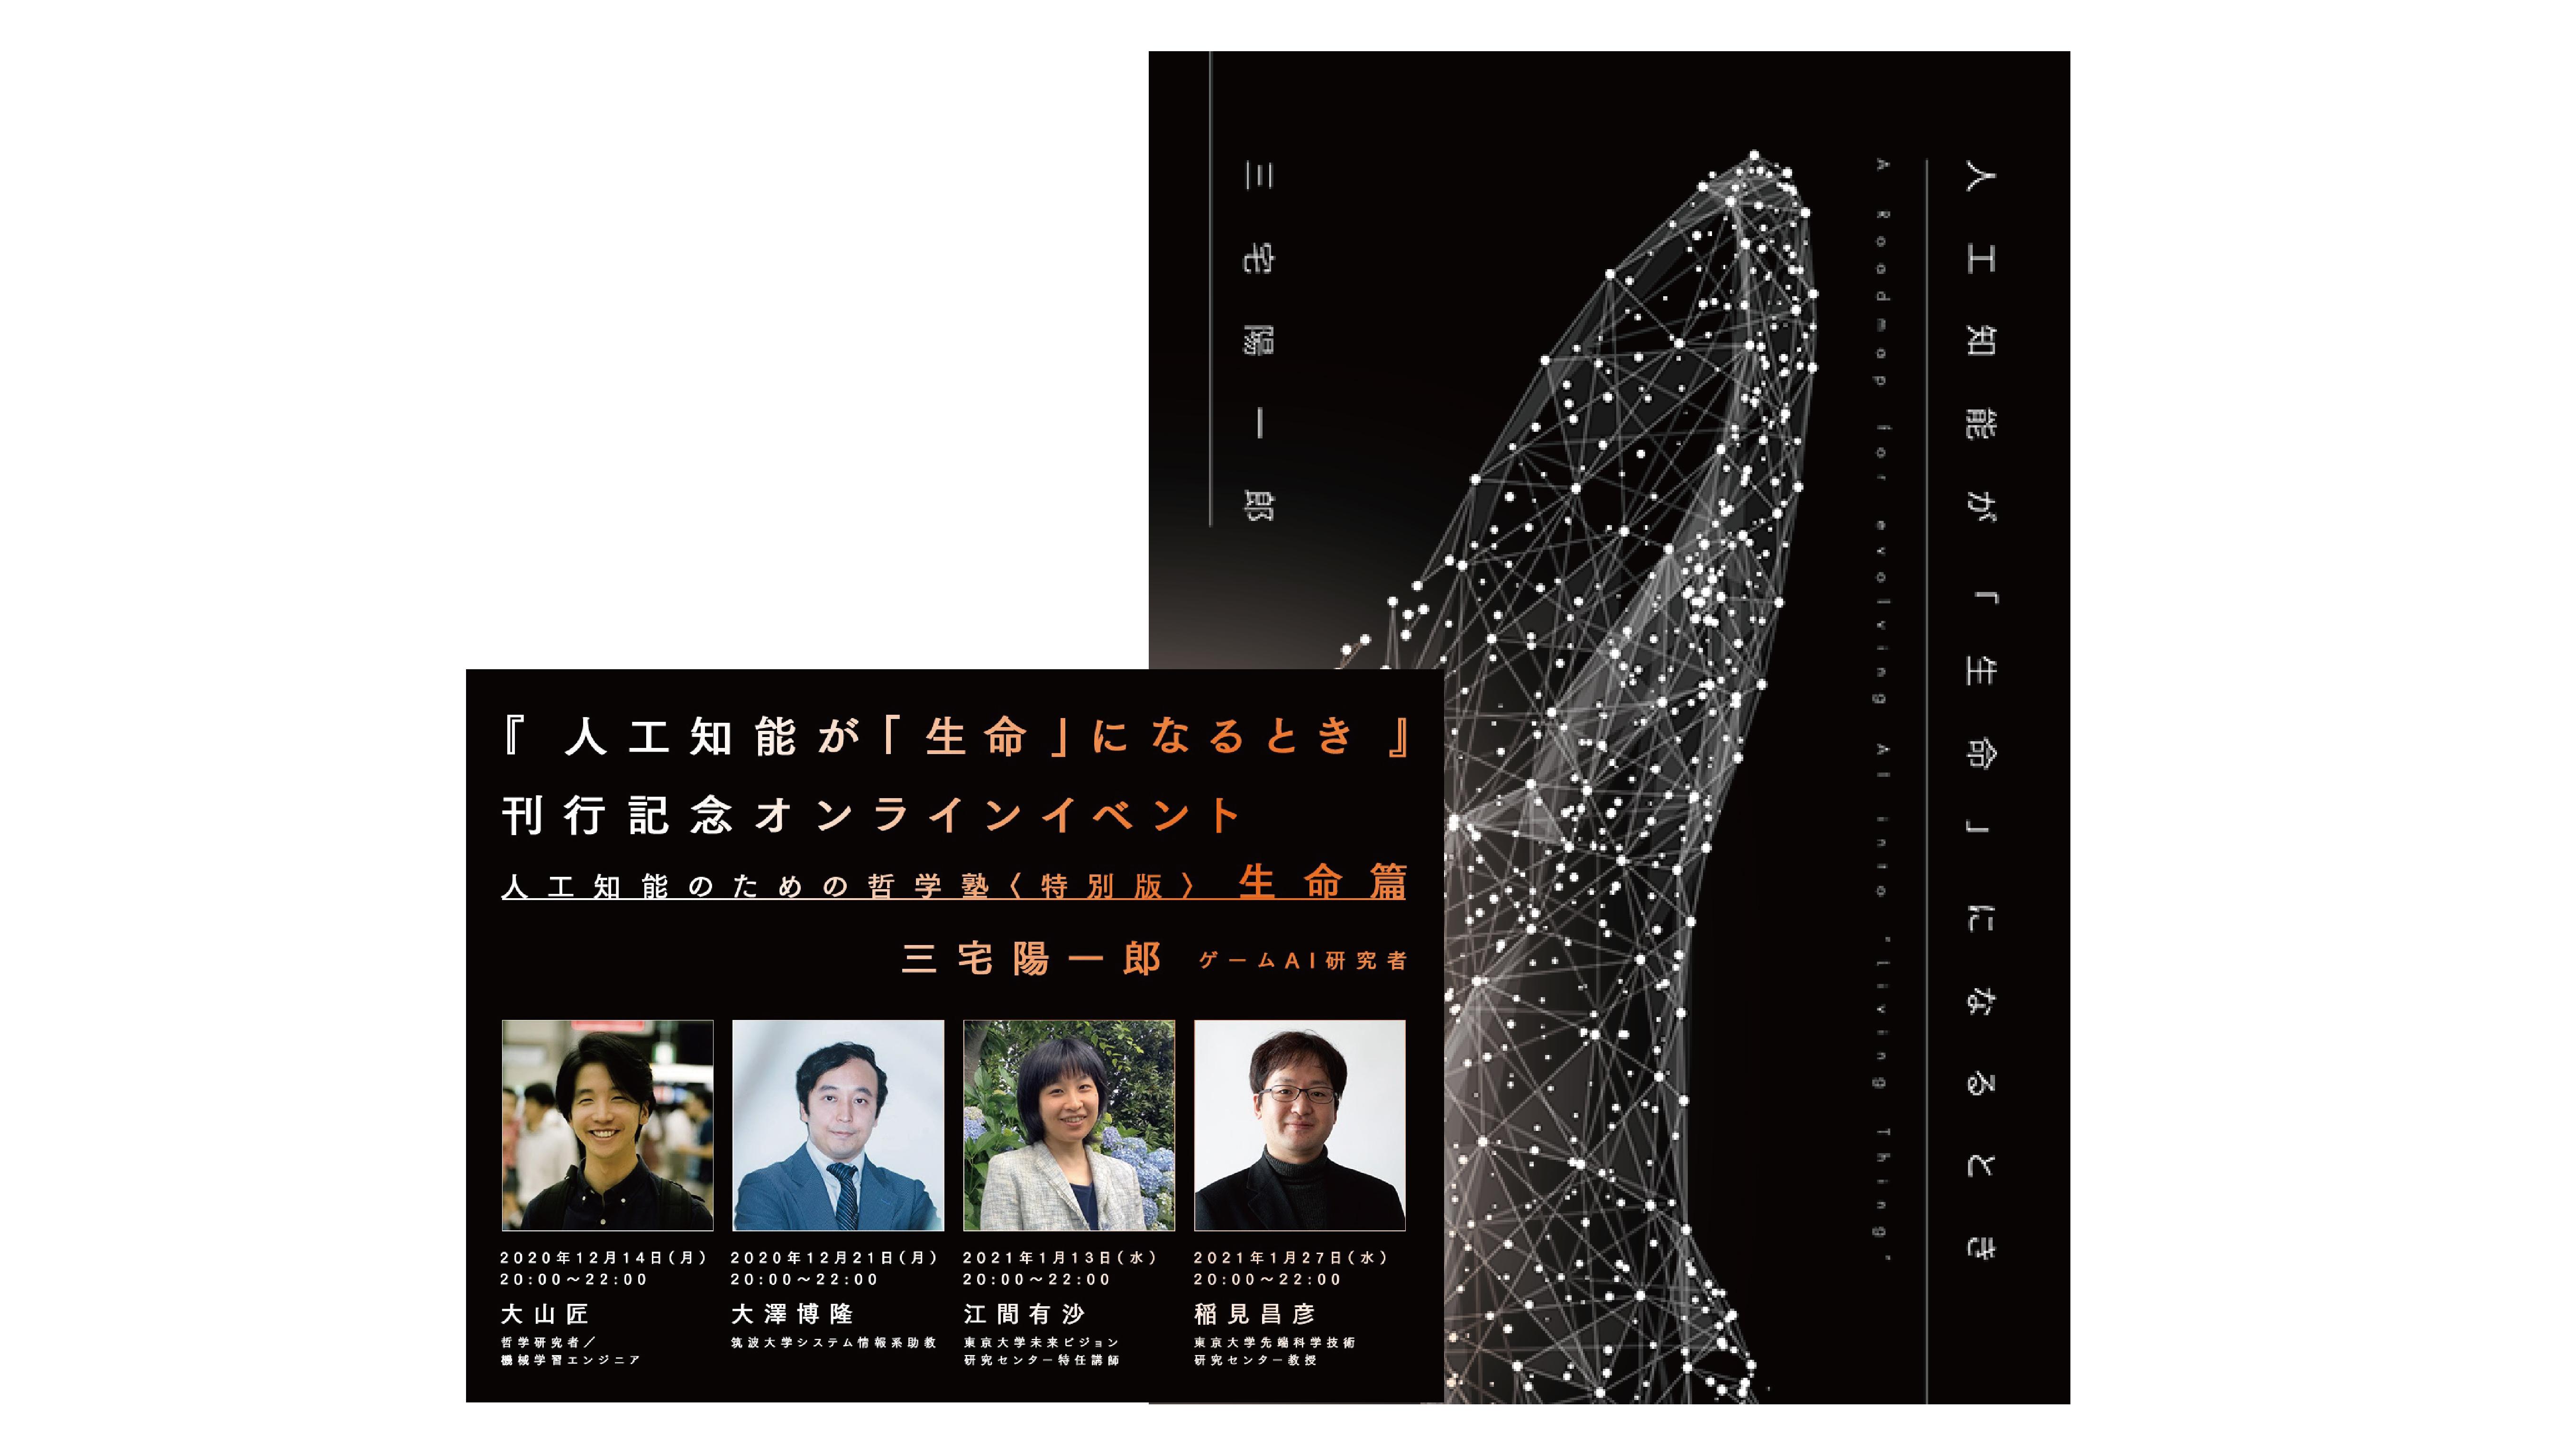 【先行販売特典オンライン講義全4回付き】三宅陽一郎『人工知能が「生命」になるとき』